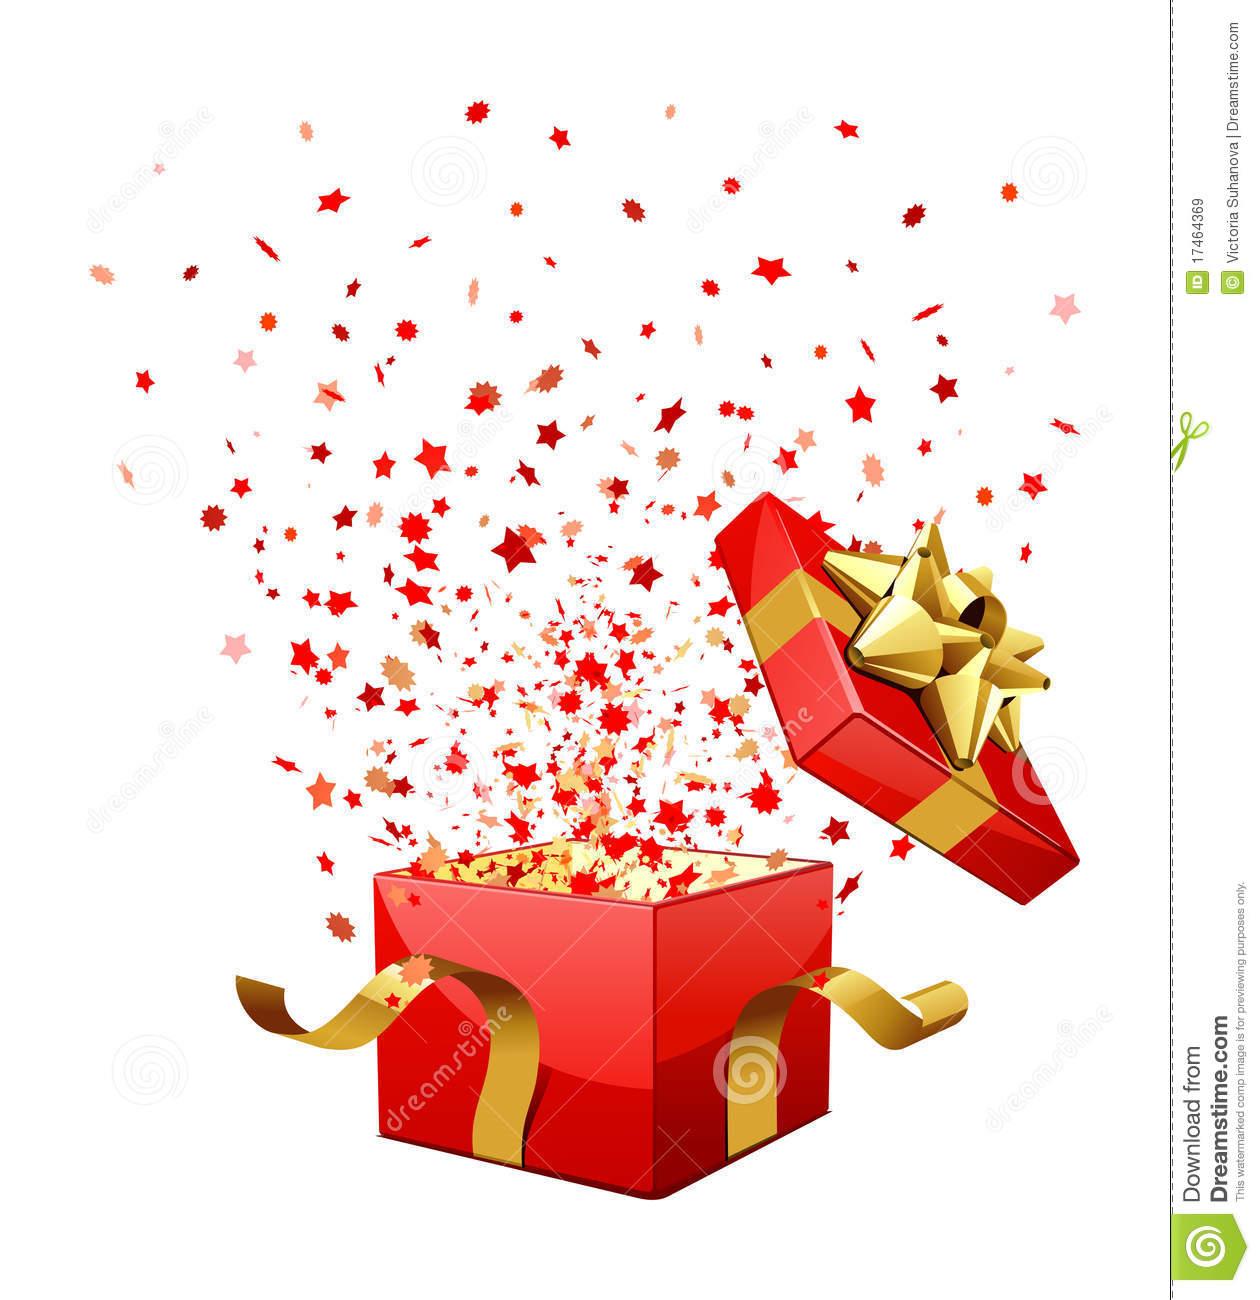 cadre-de-cadeau-de-surprise-17464369-1494944507.jpg